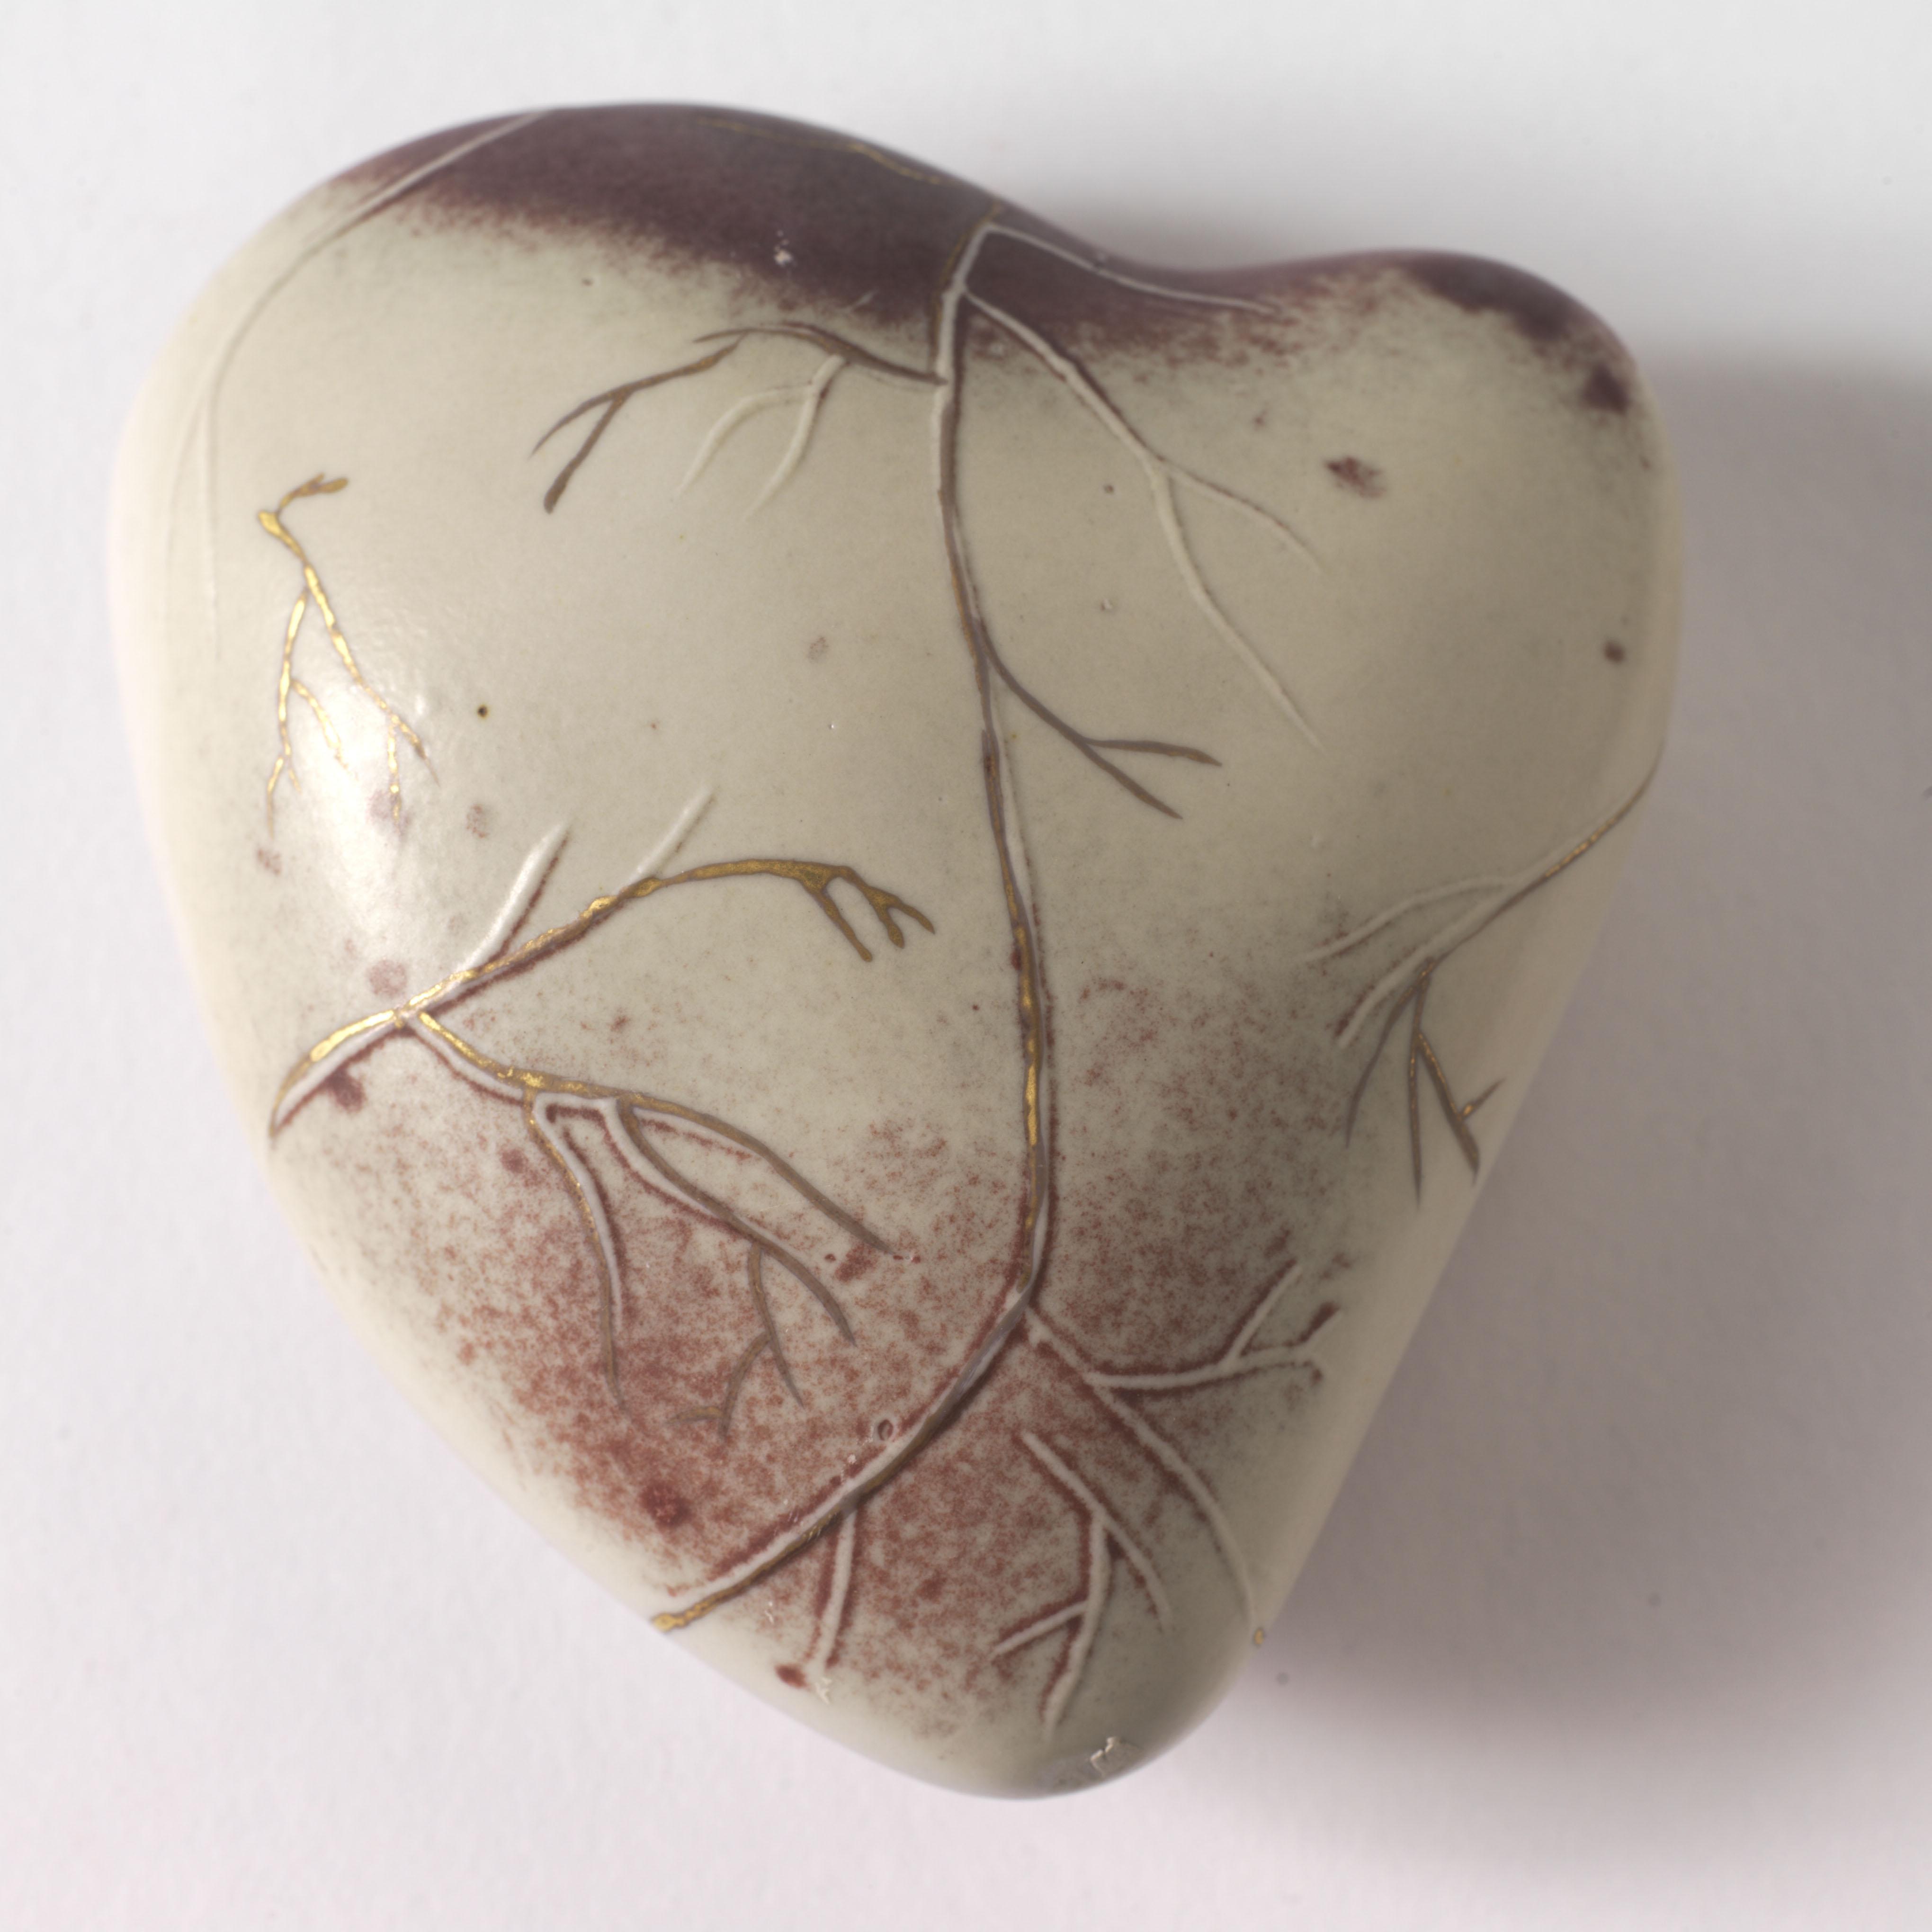 Slip Cast Heart